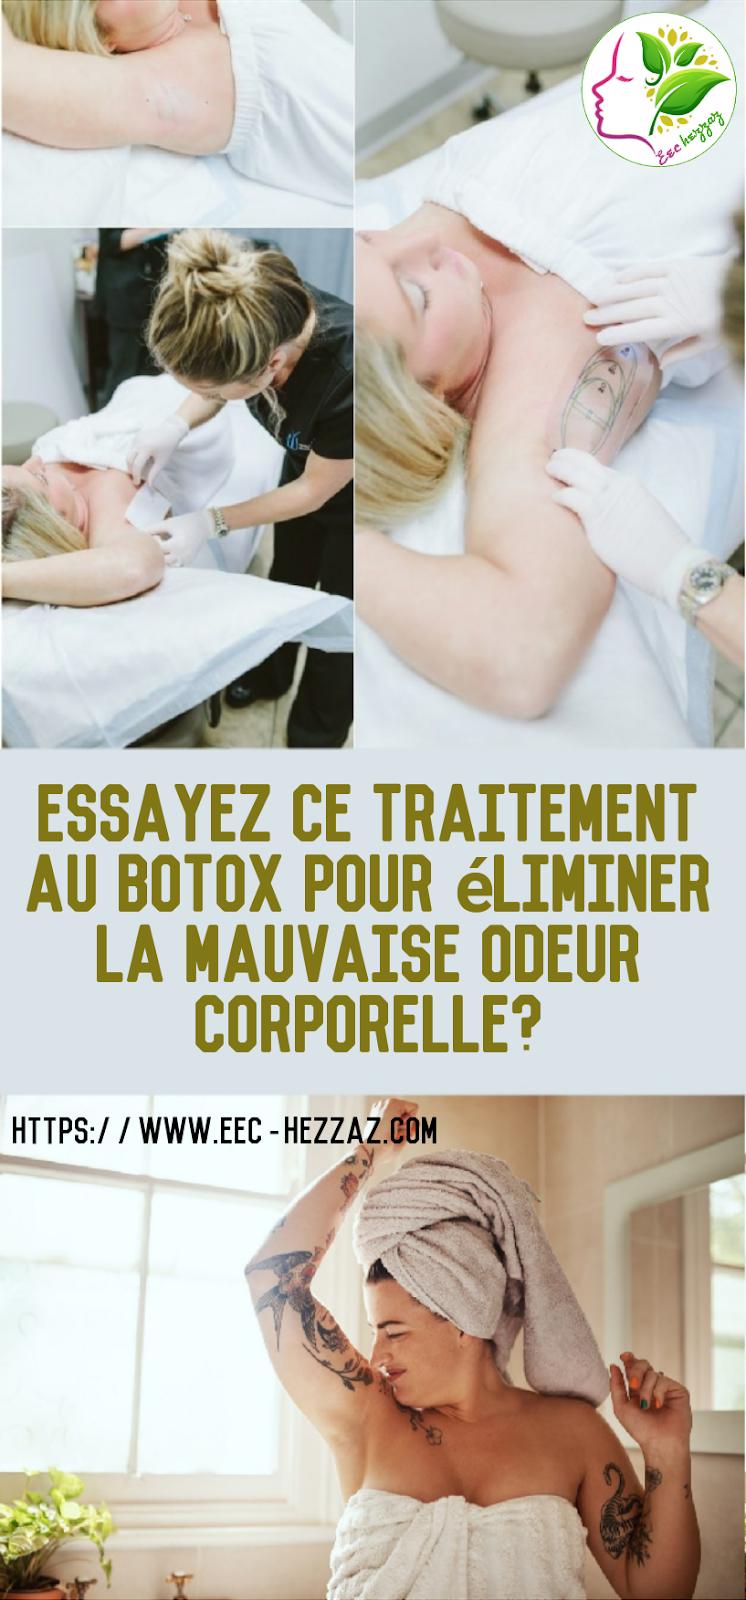 Essayez ce traitement au botox pour éliminer la mauvaise odeur corporelle?